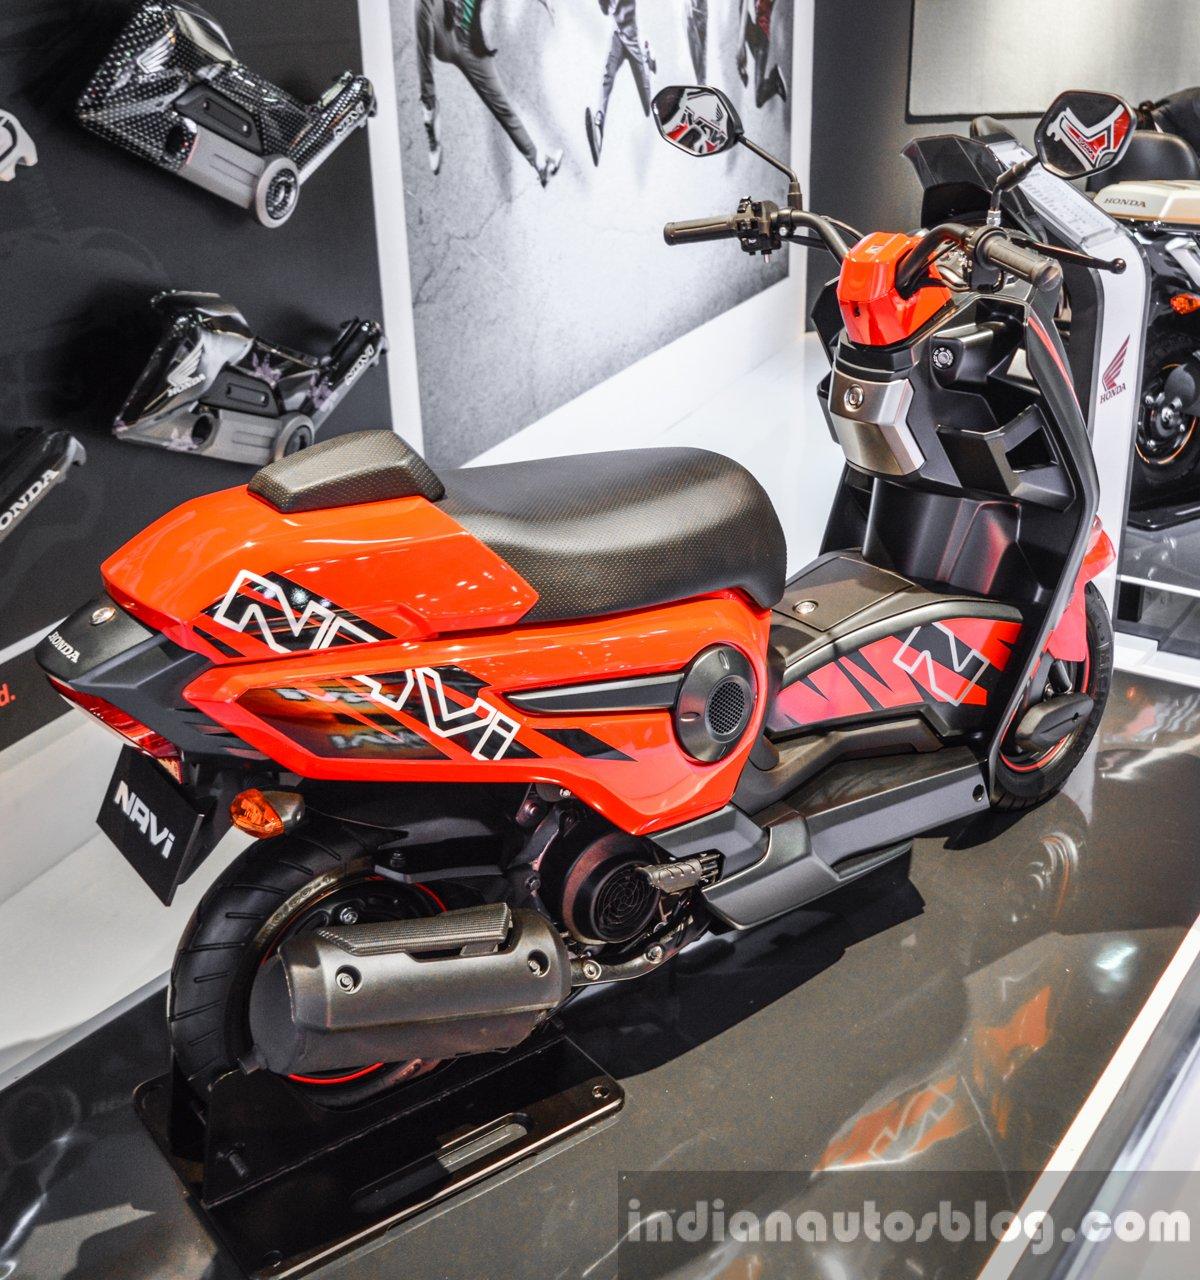 Honda navi design concept scooter rear quarter at auto expo 2016 publicscrutiny Choice Image